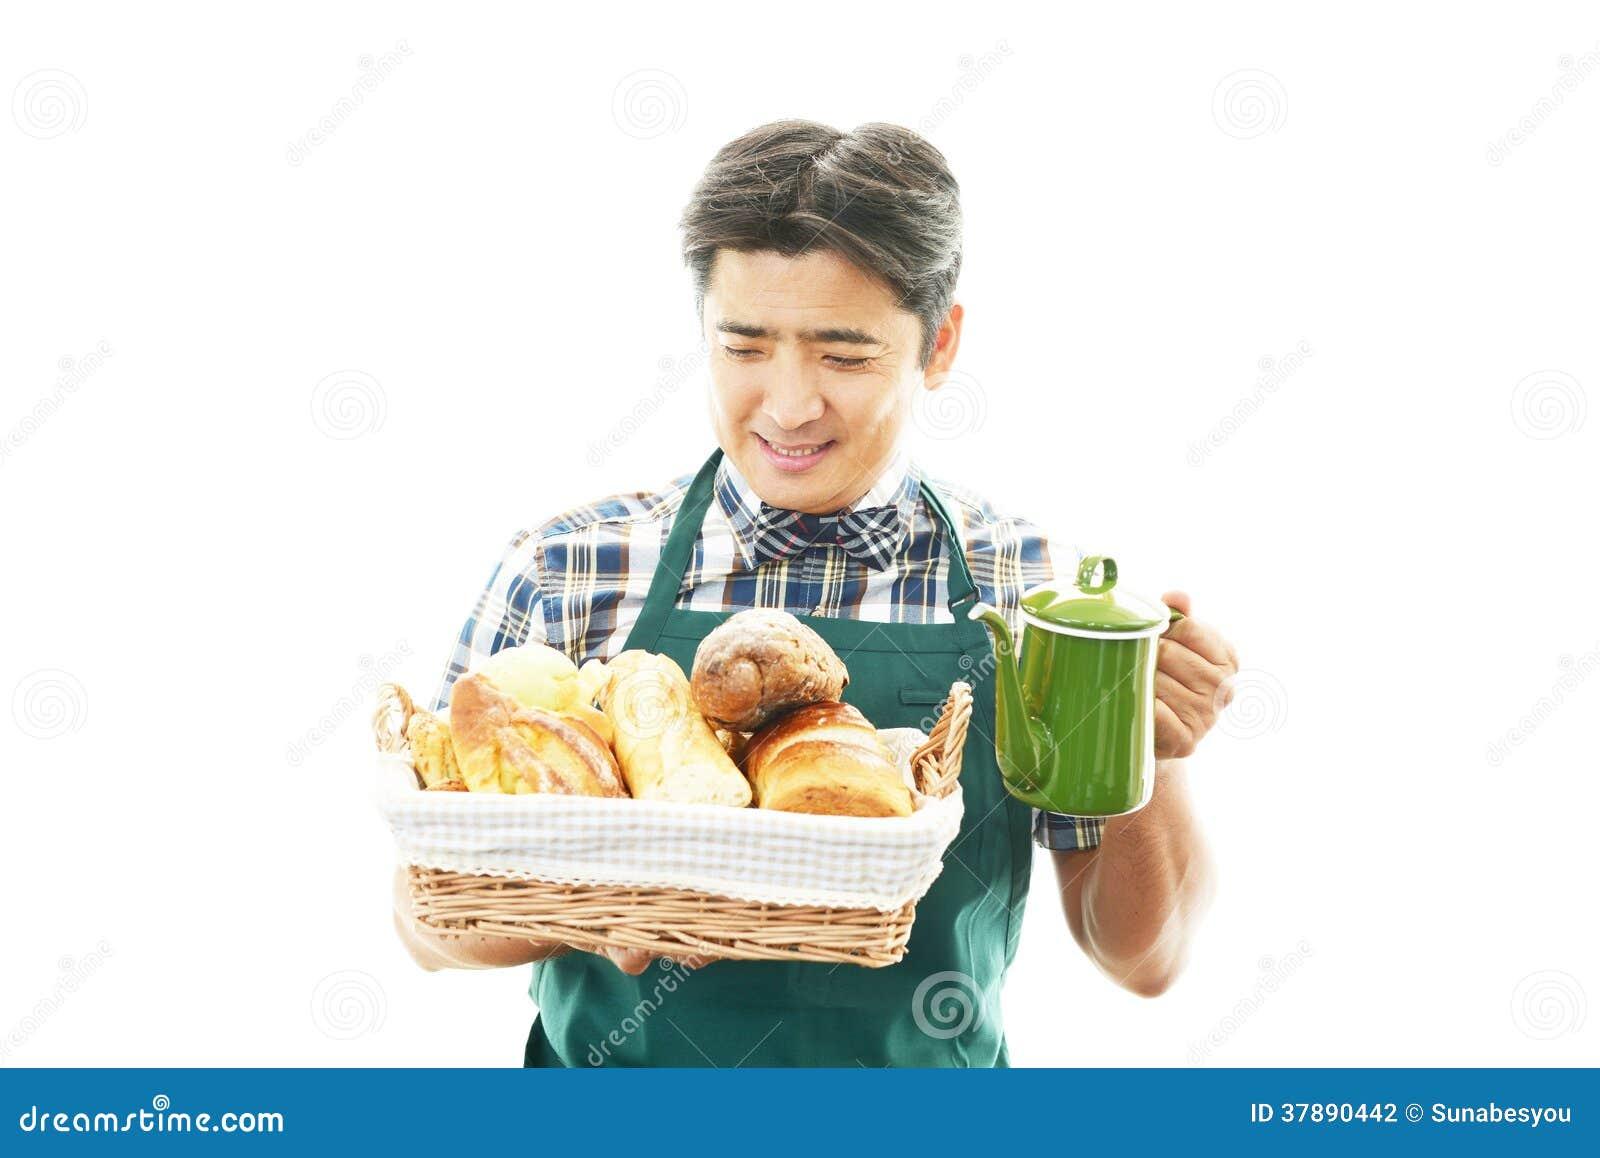 Lächelnder asiatischer Kellner